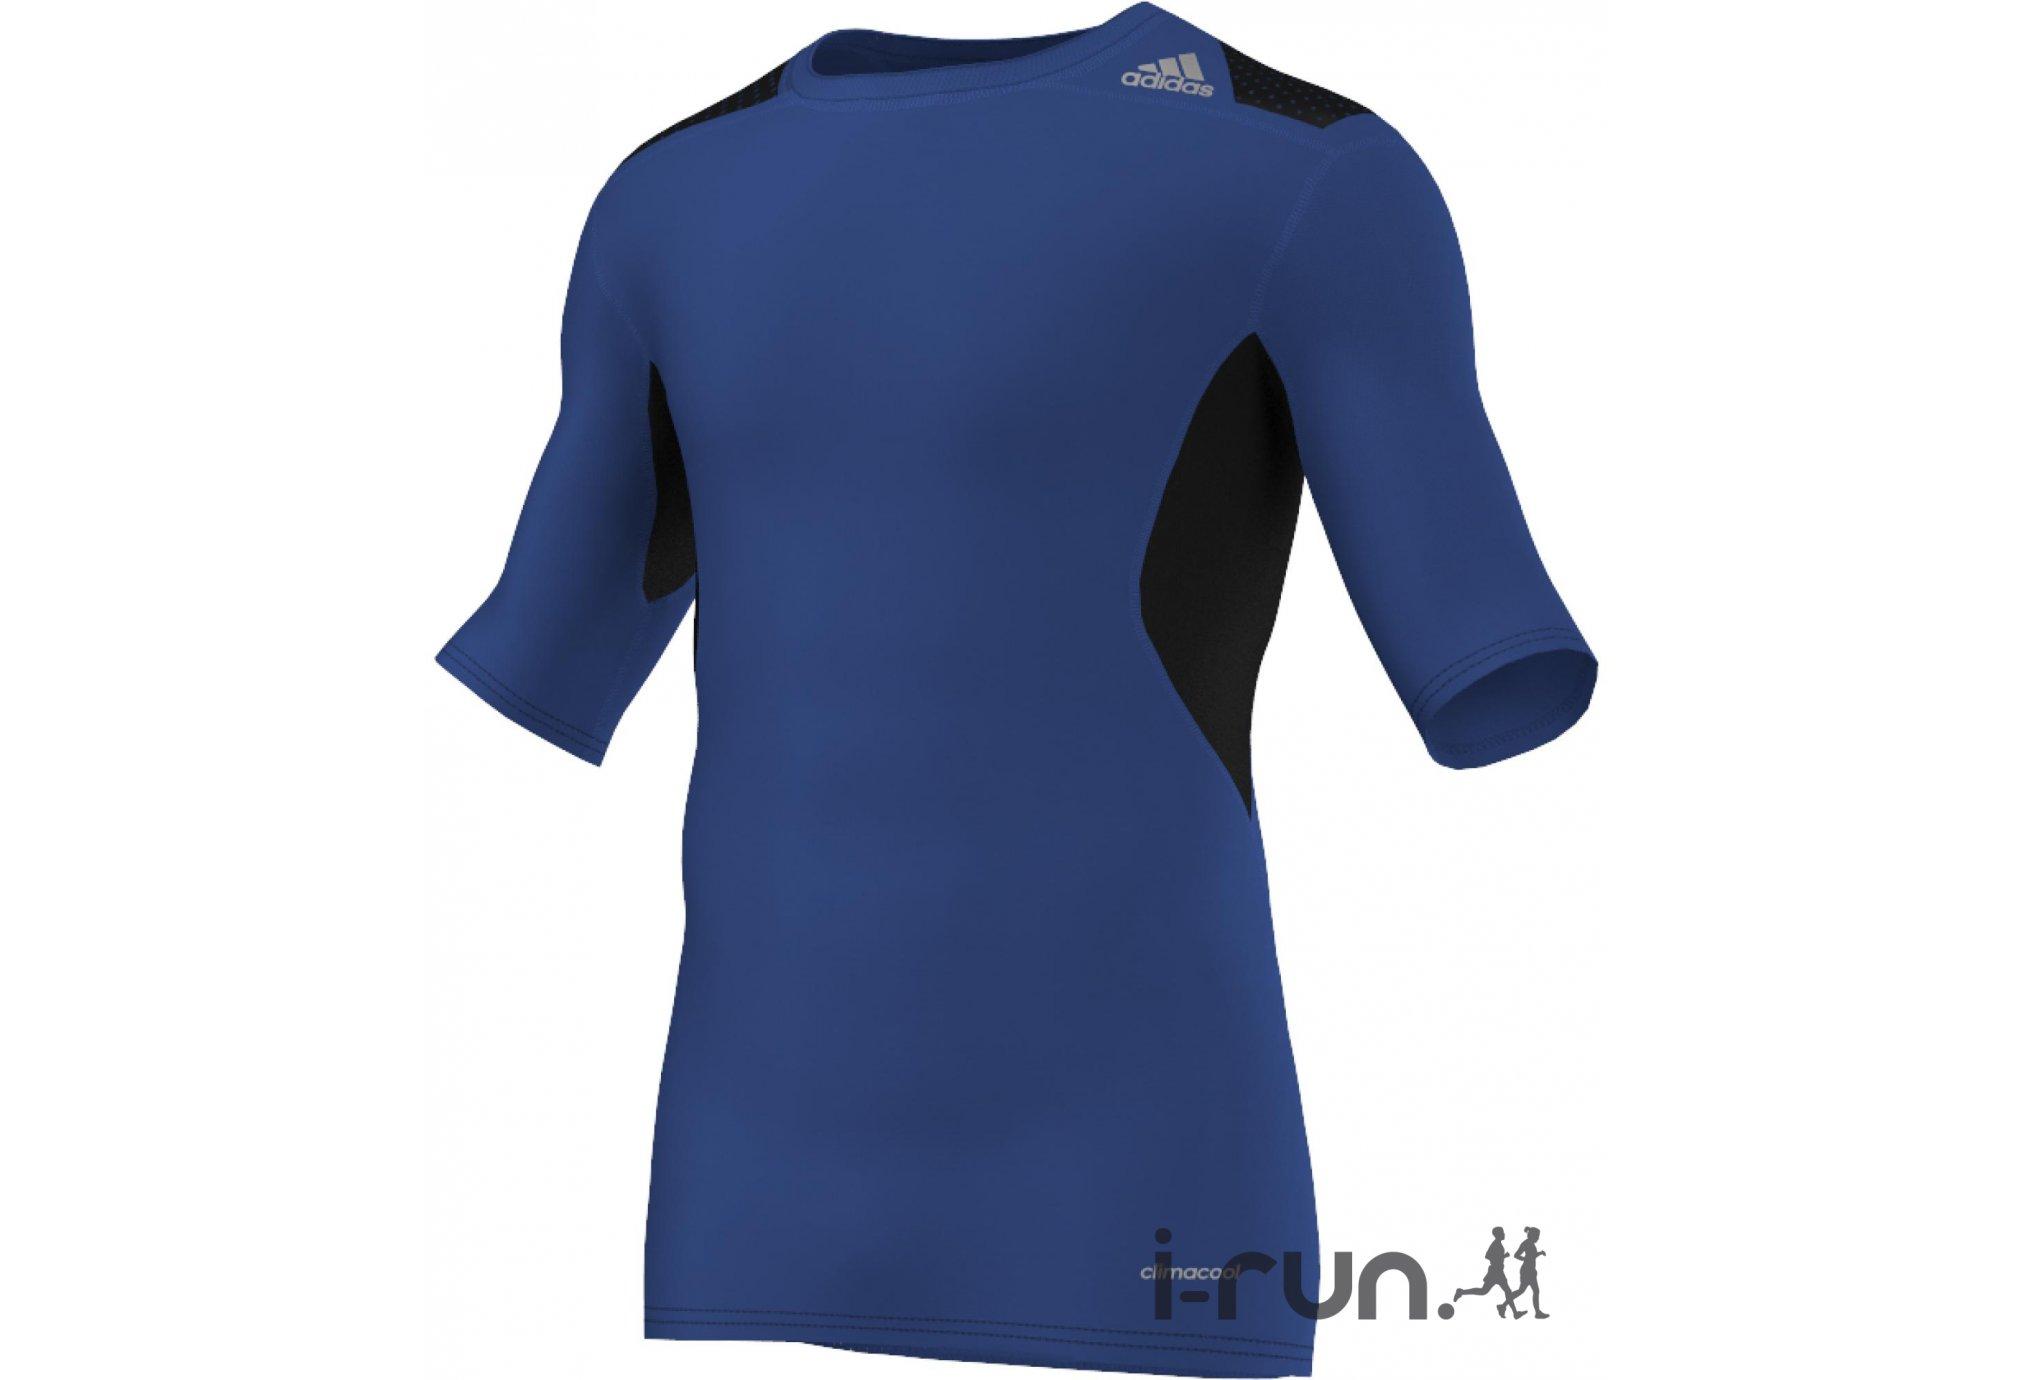 adidas Tee-Shirt Techfit PowerWeb M vêtement running homme